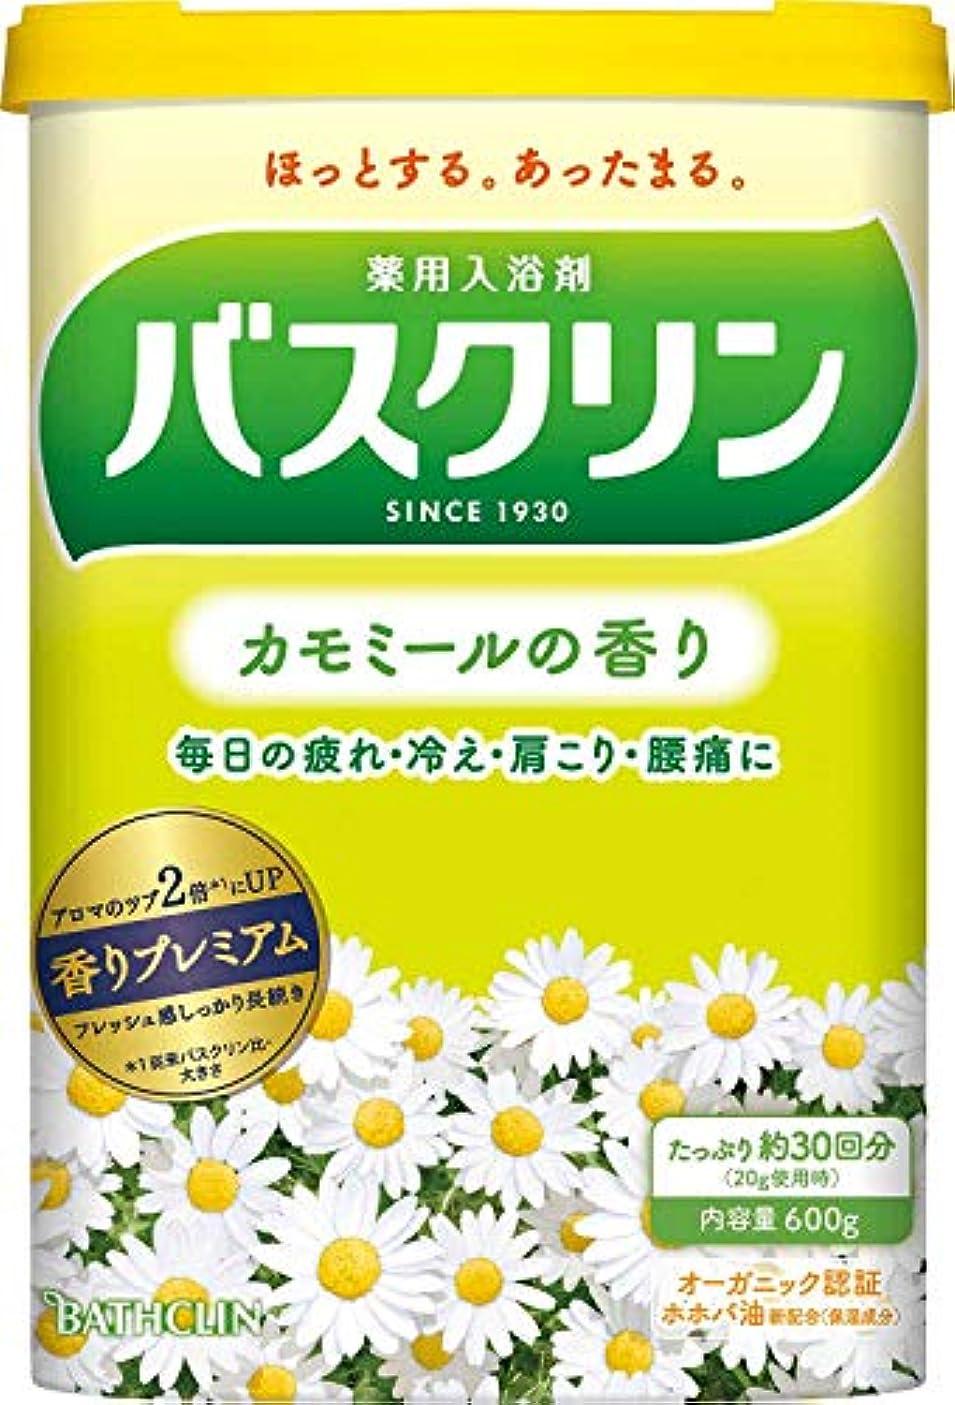 中央ホスト滞在【医薬部外品】バスクリン入浴剤 カモミールの香り600g(約30回分) 疲労回復